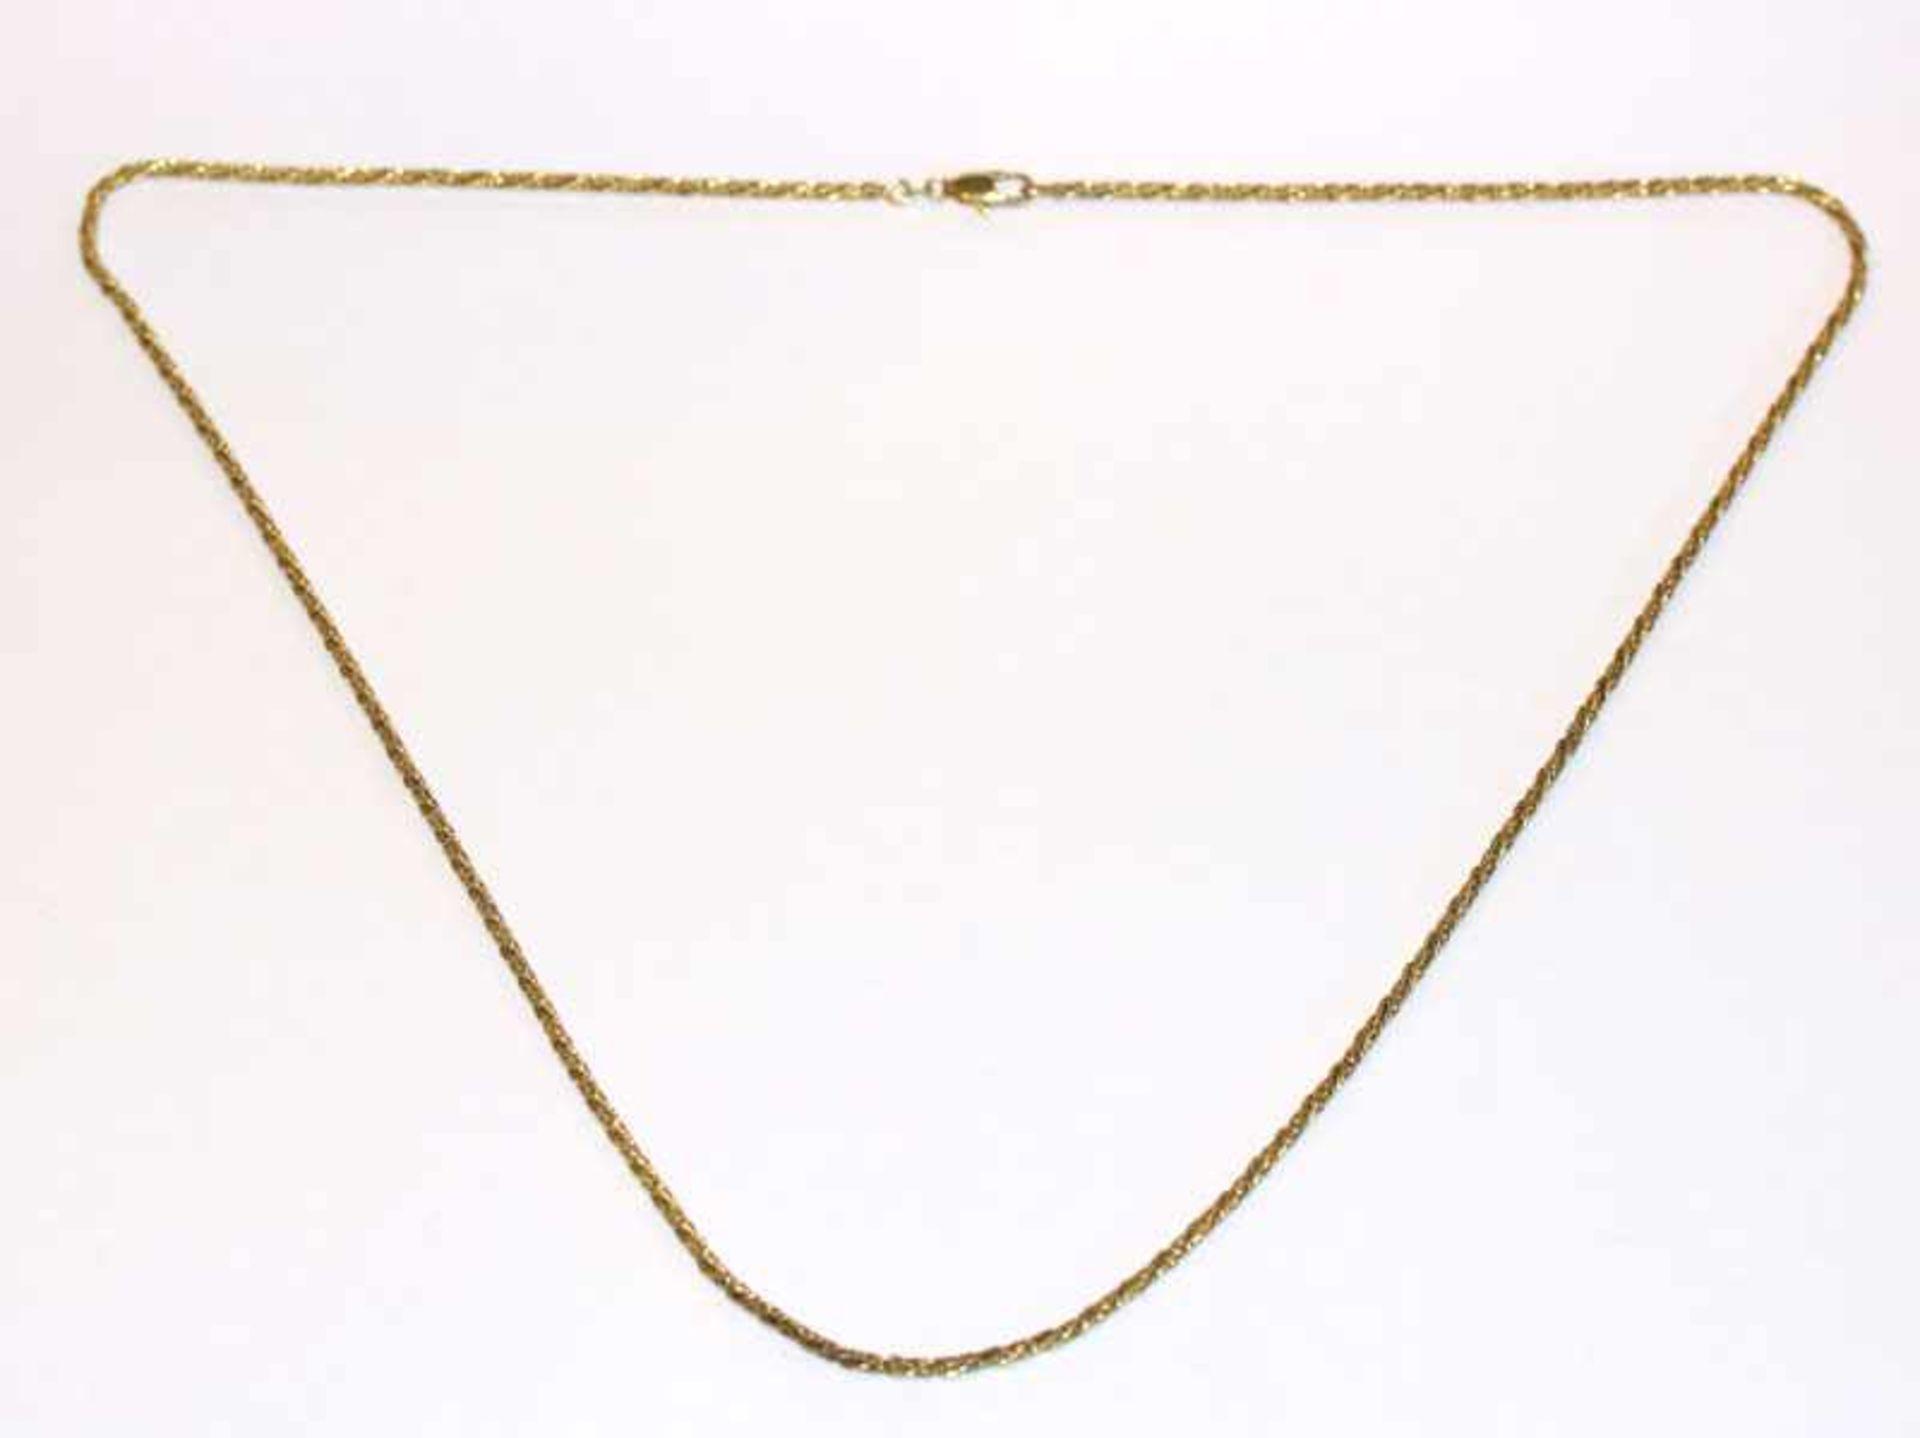 Los 87 - Silber/vergoldete Kette in gedrehter Form, L 78 cm